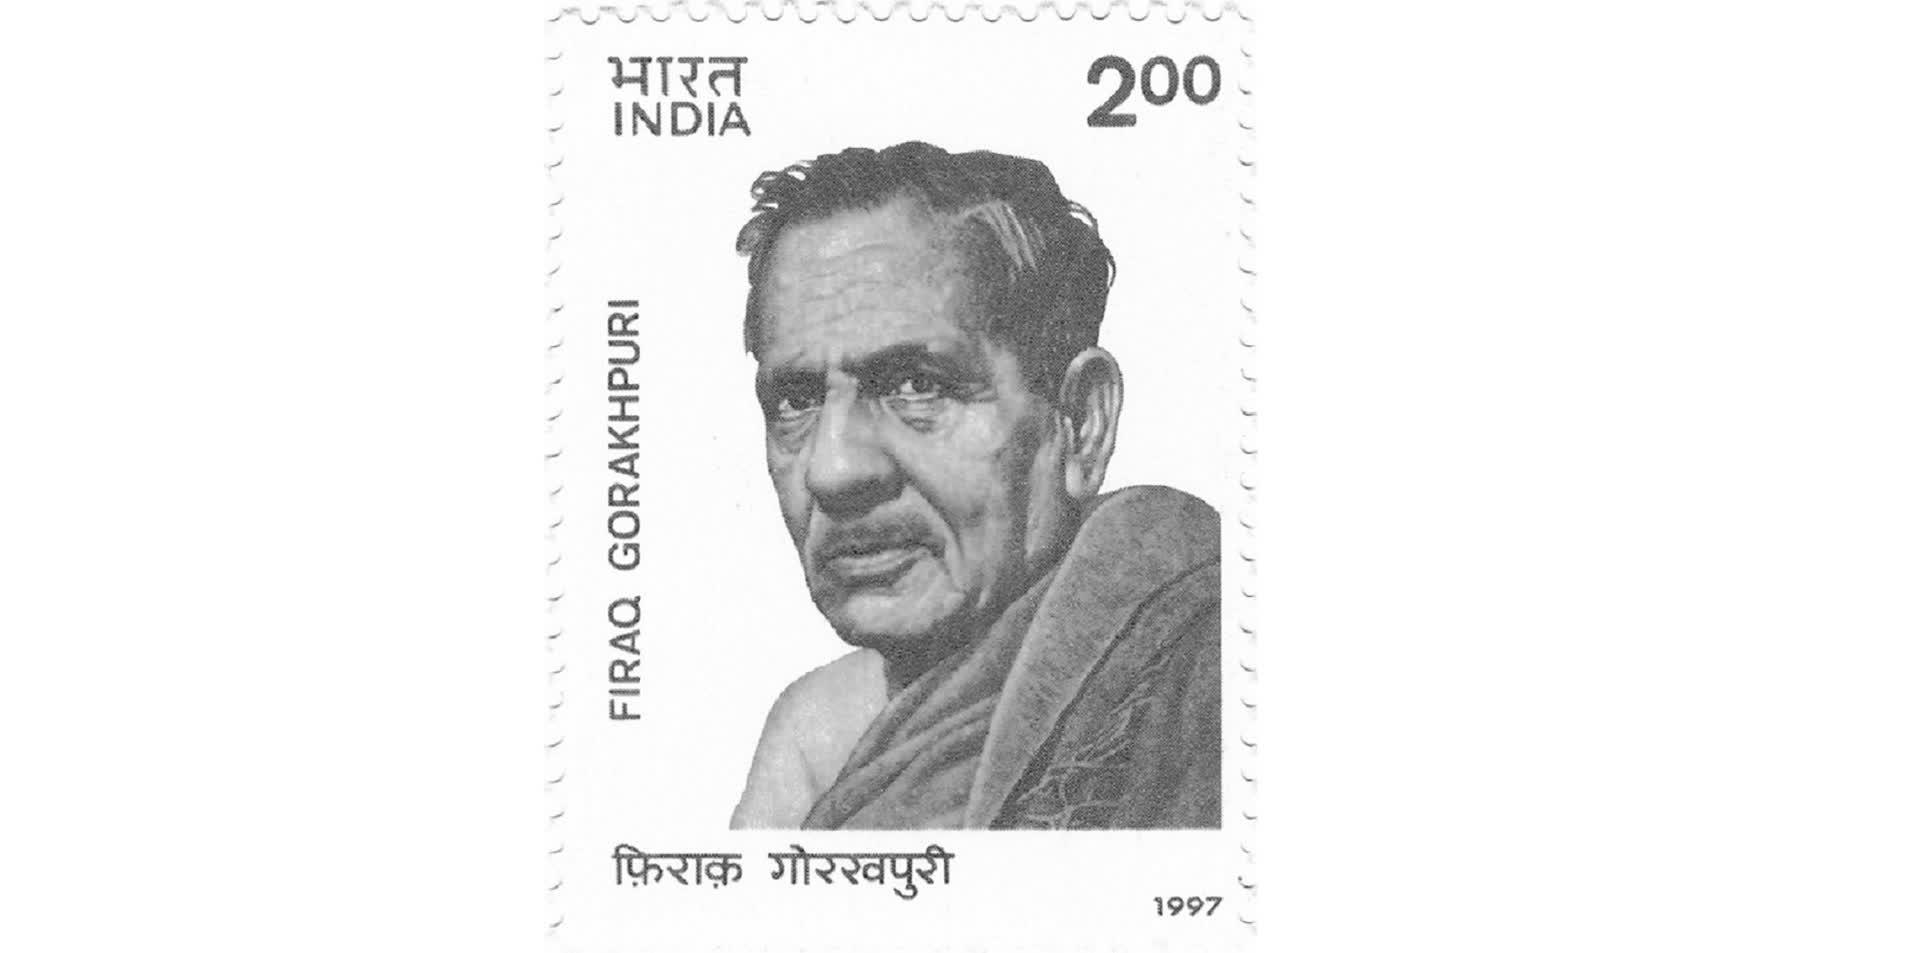 फ़िराक़ गोरखपुरी : सौंदर्य और परमानंद का कवि